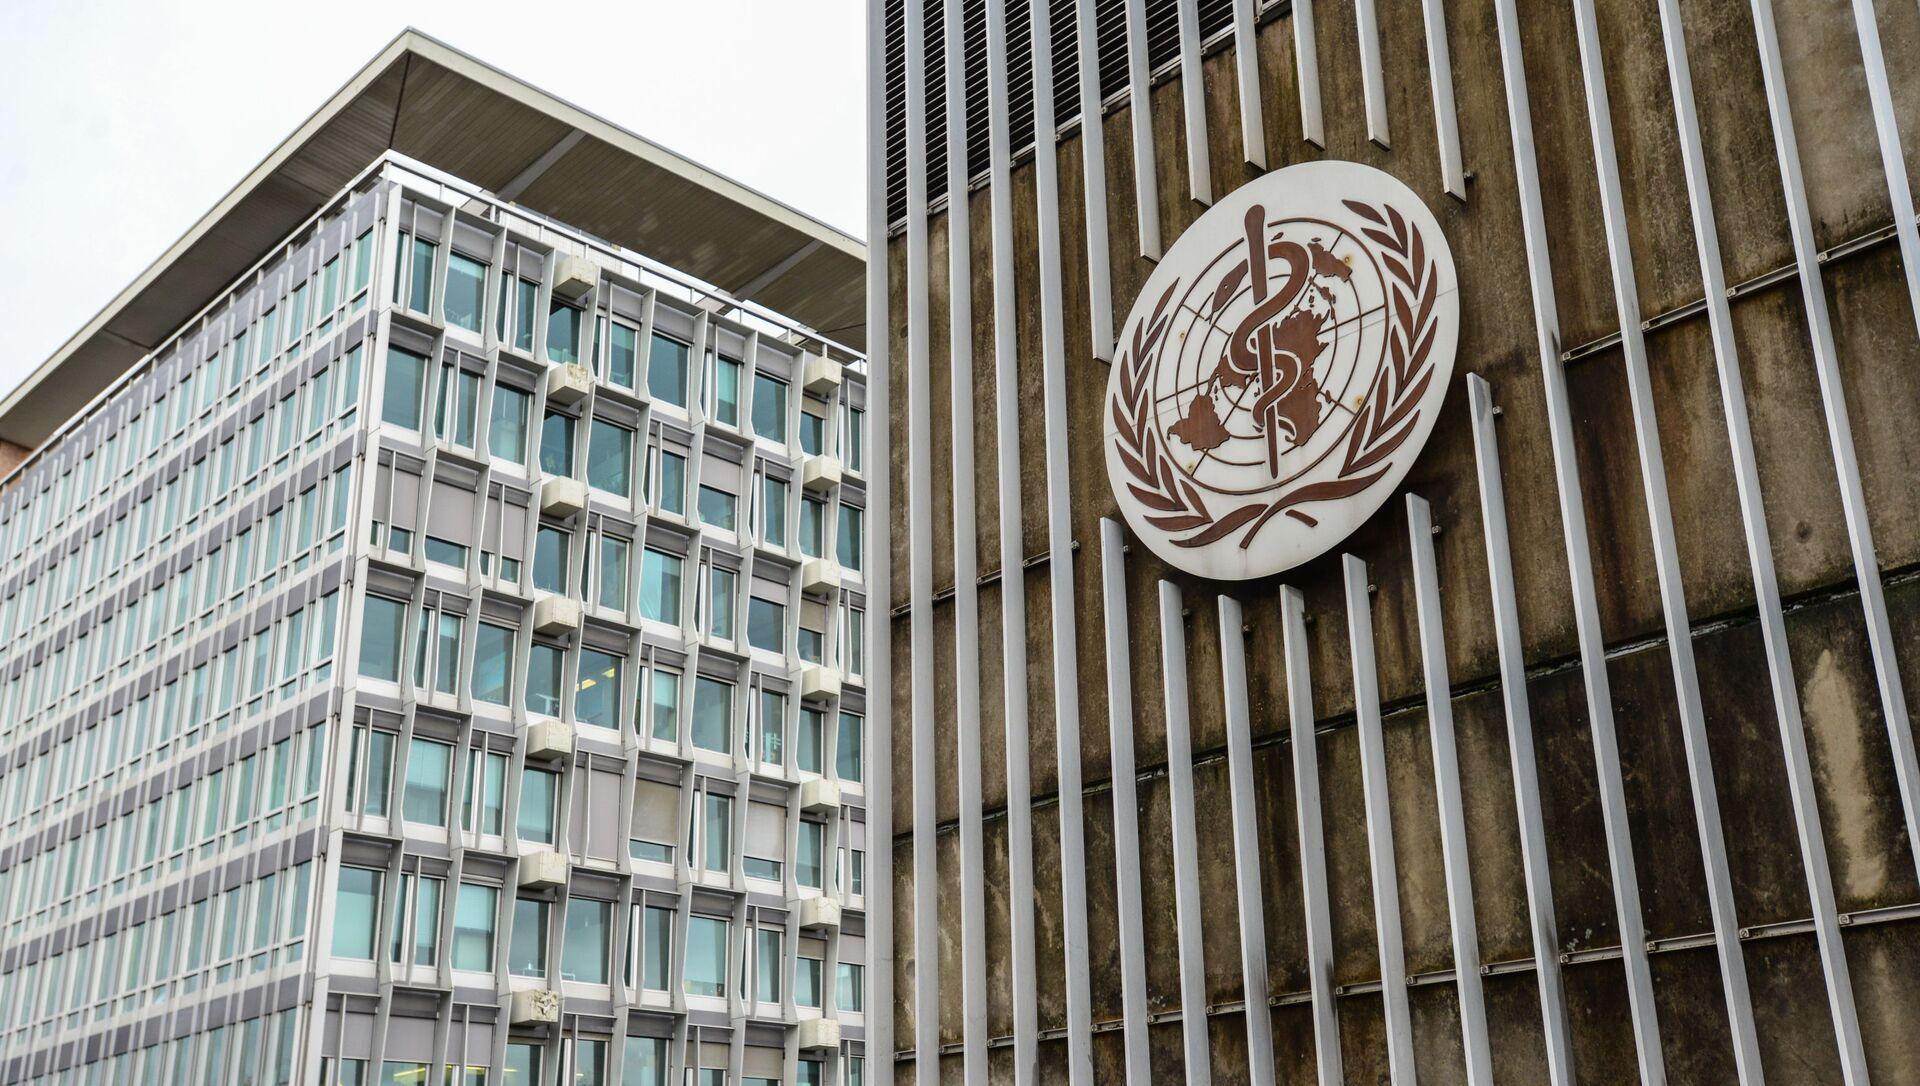 Le siège de l'Organisation mondiale de la santé (OMS) à Genève - Sputnik France, 1920, 27.08.2021